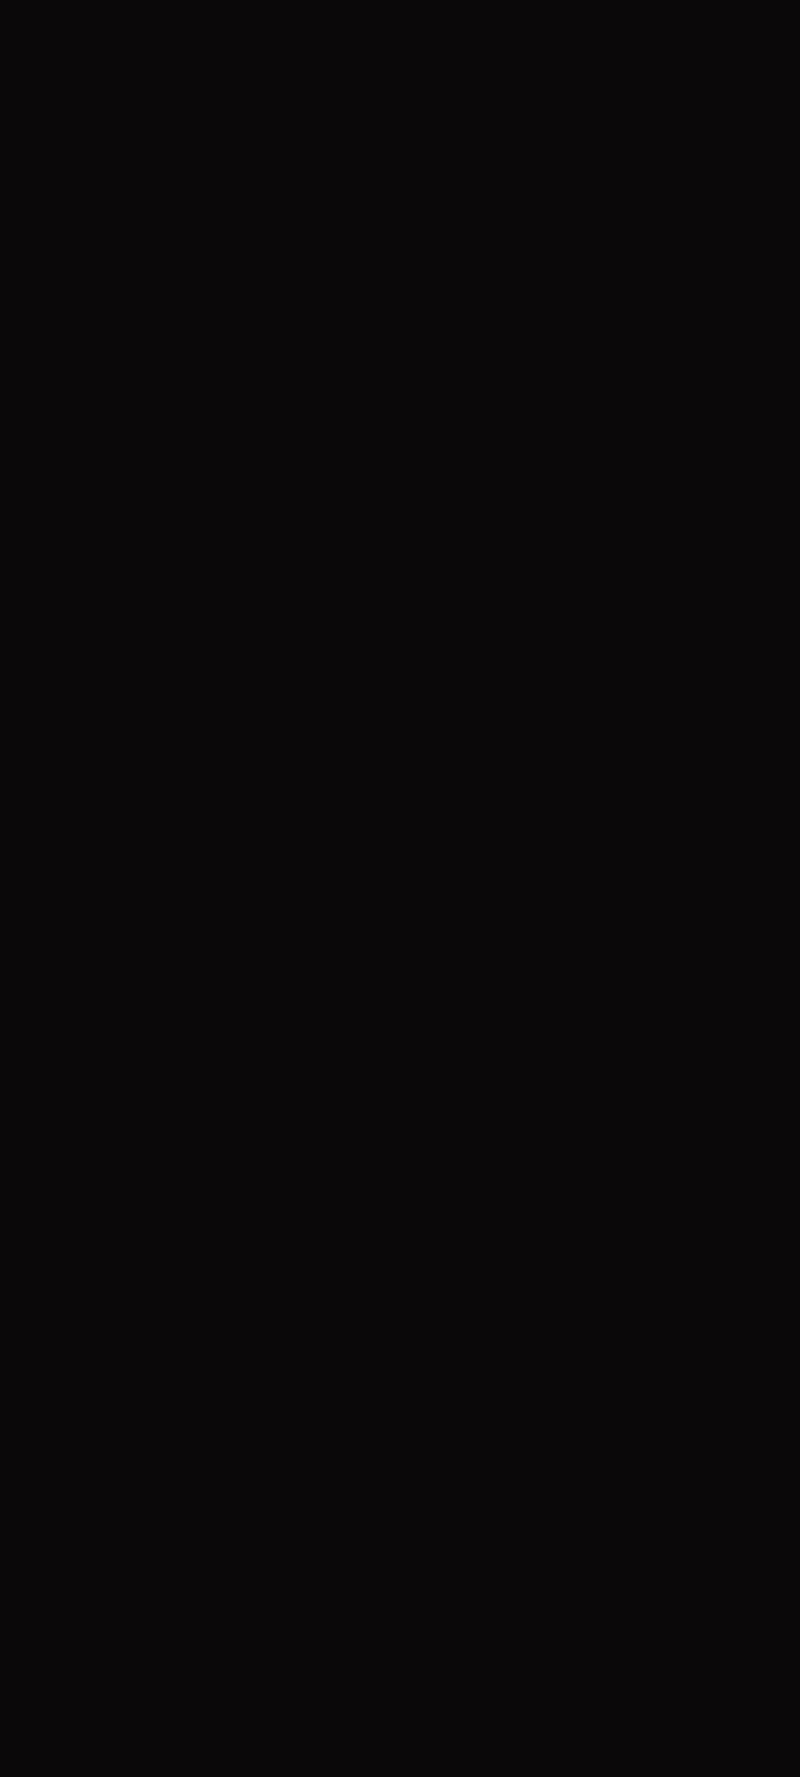 WH-NGC11314 纯黑